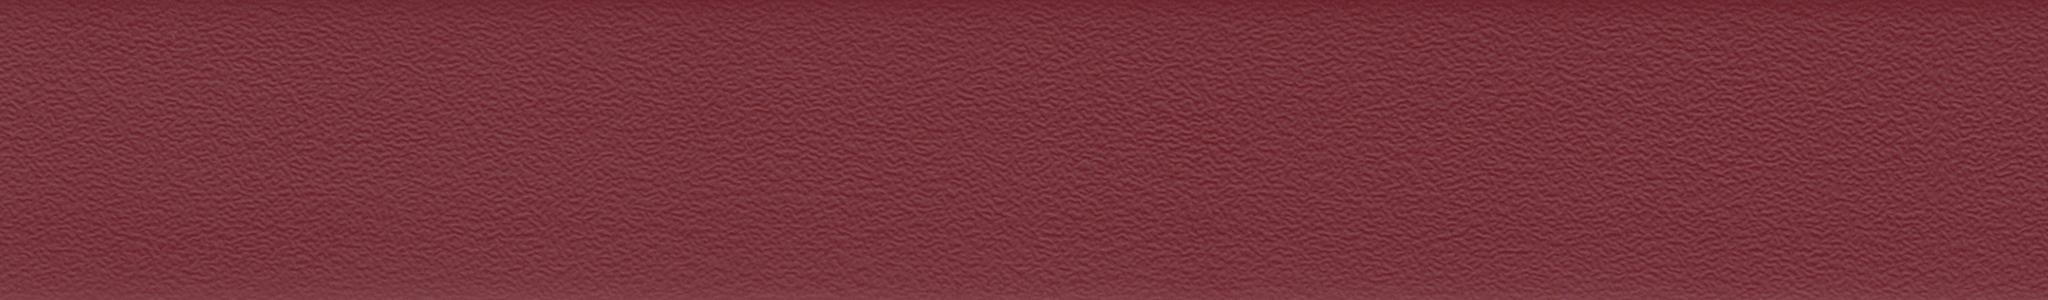 HU 13750 ABS hrana červená tmavá perla 101